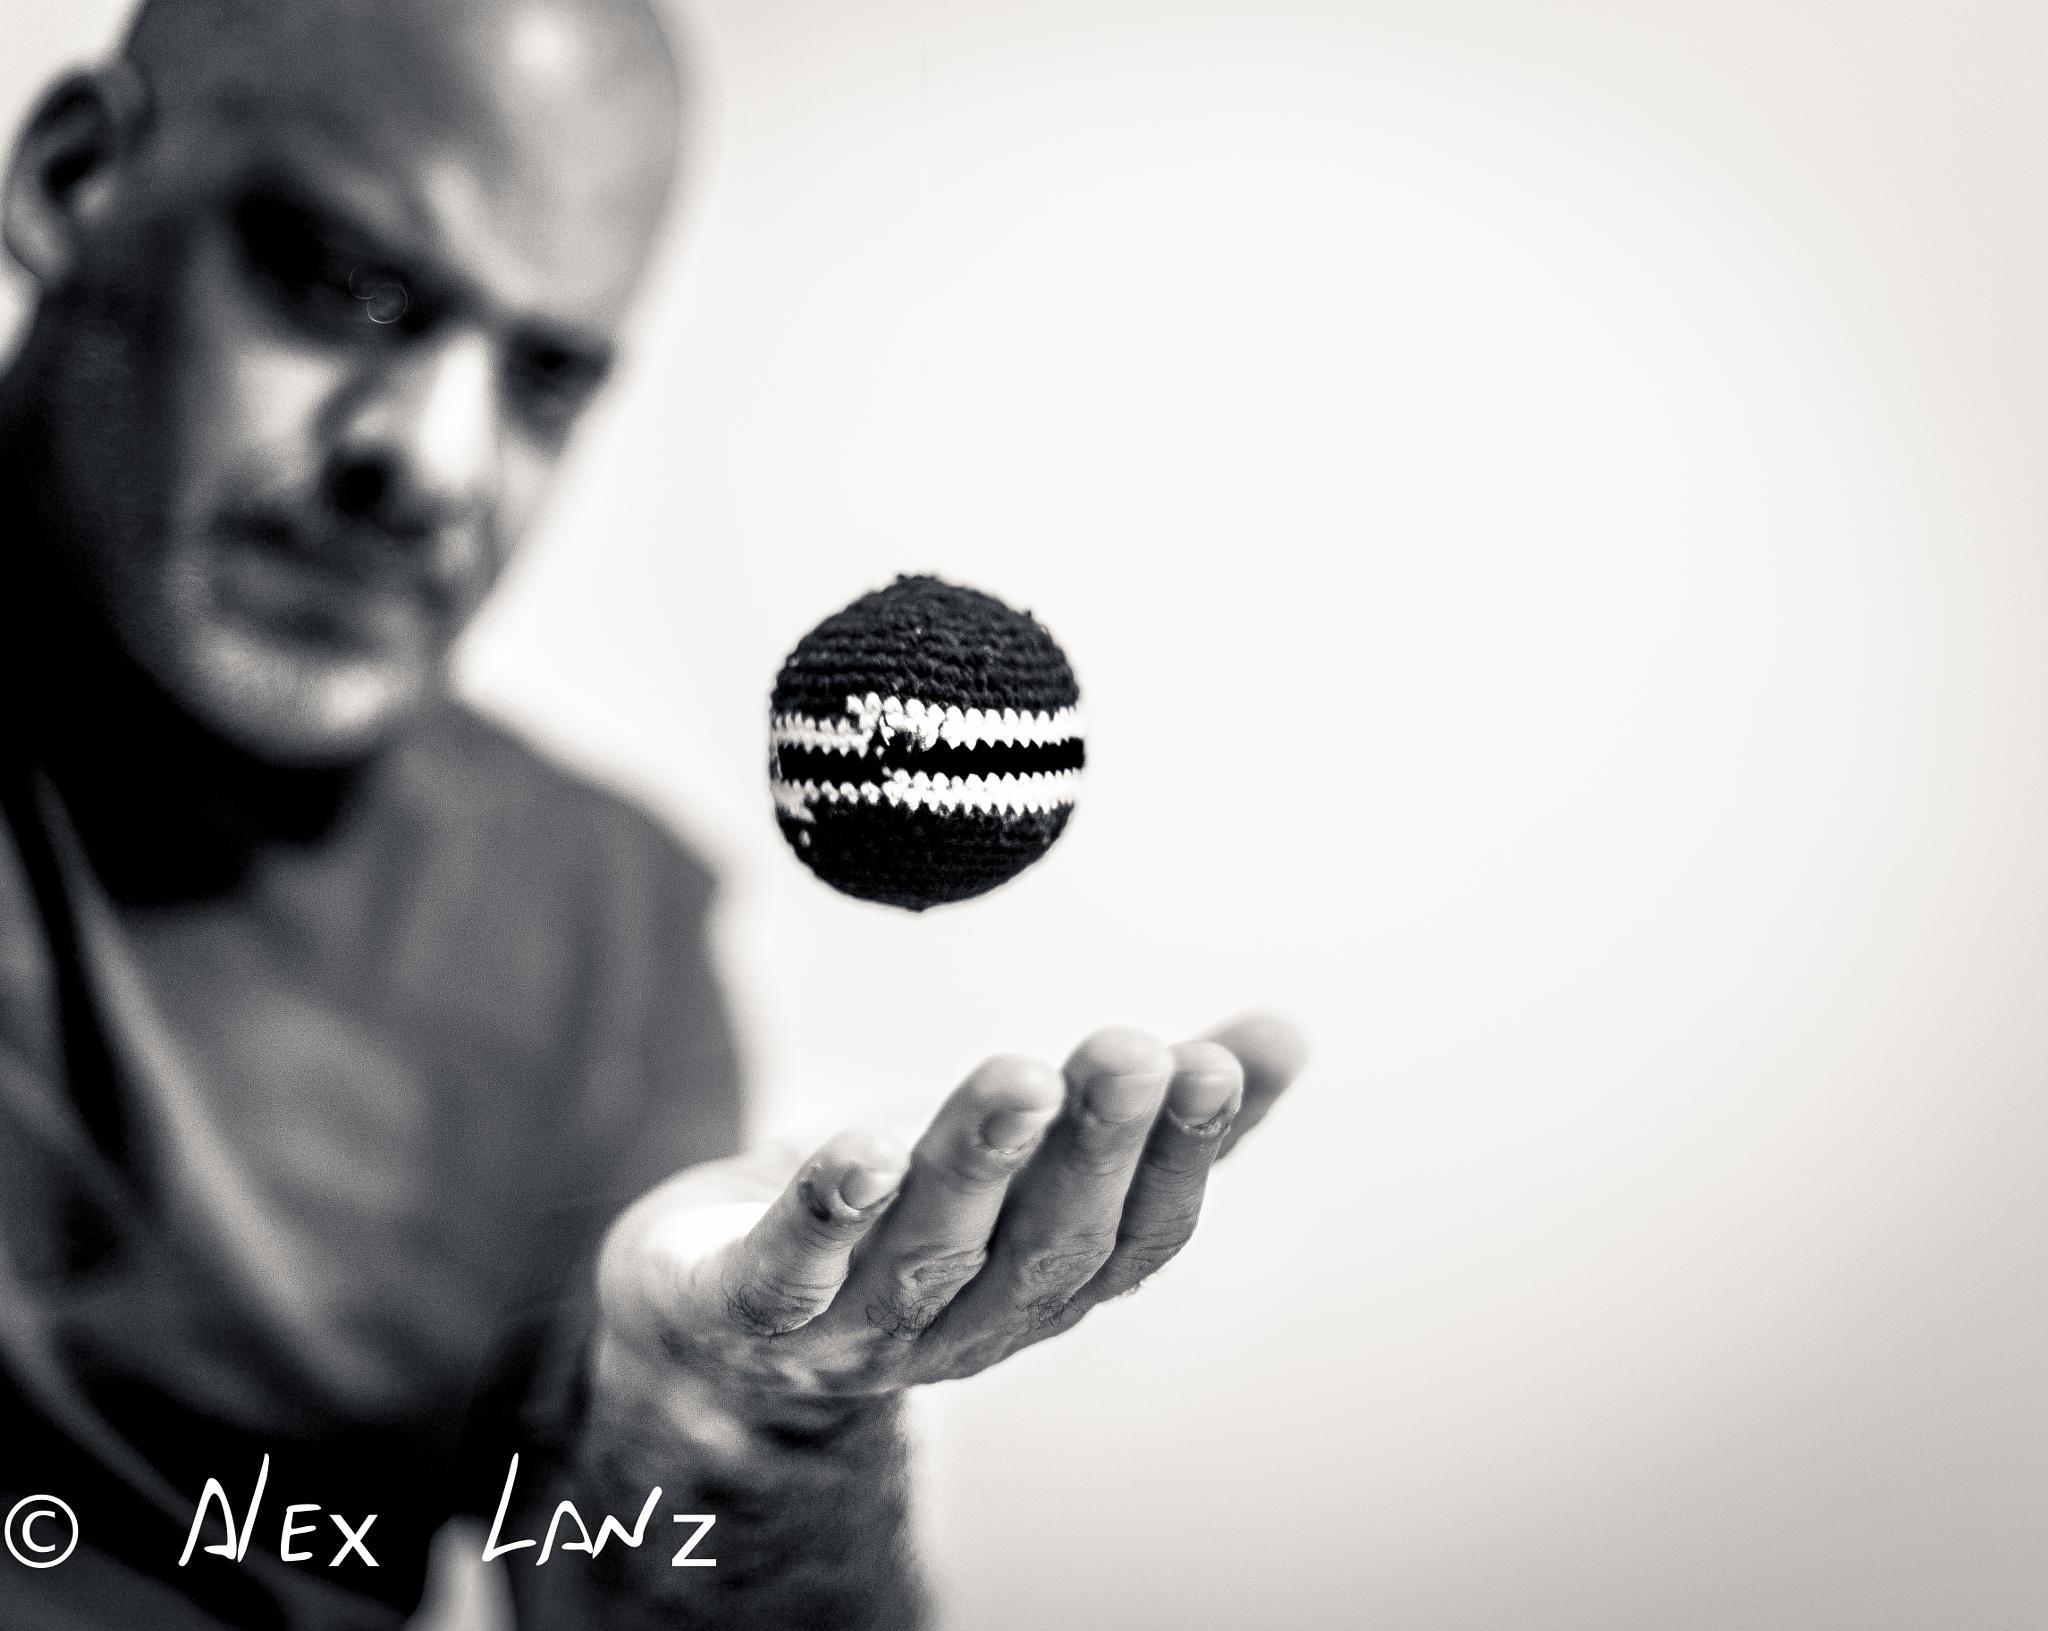 Ball by Alex Lanz